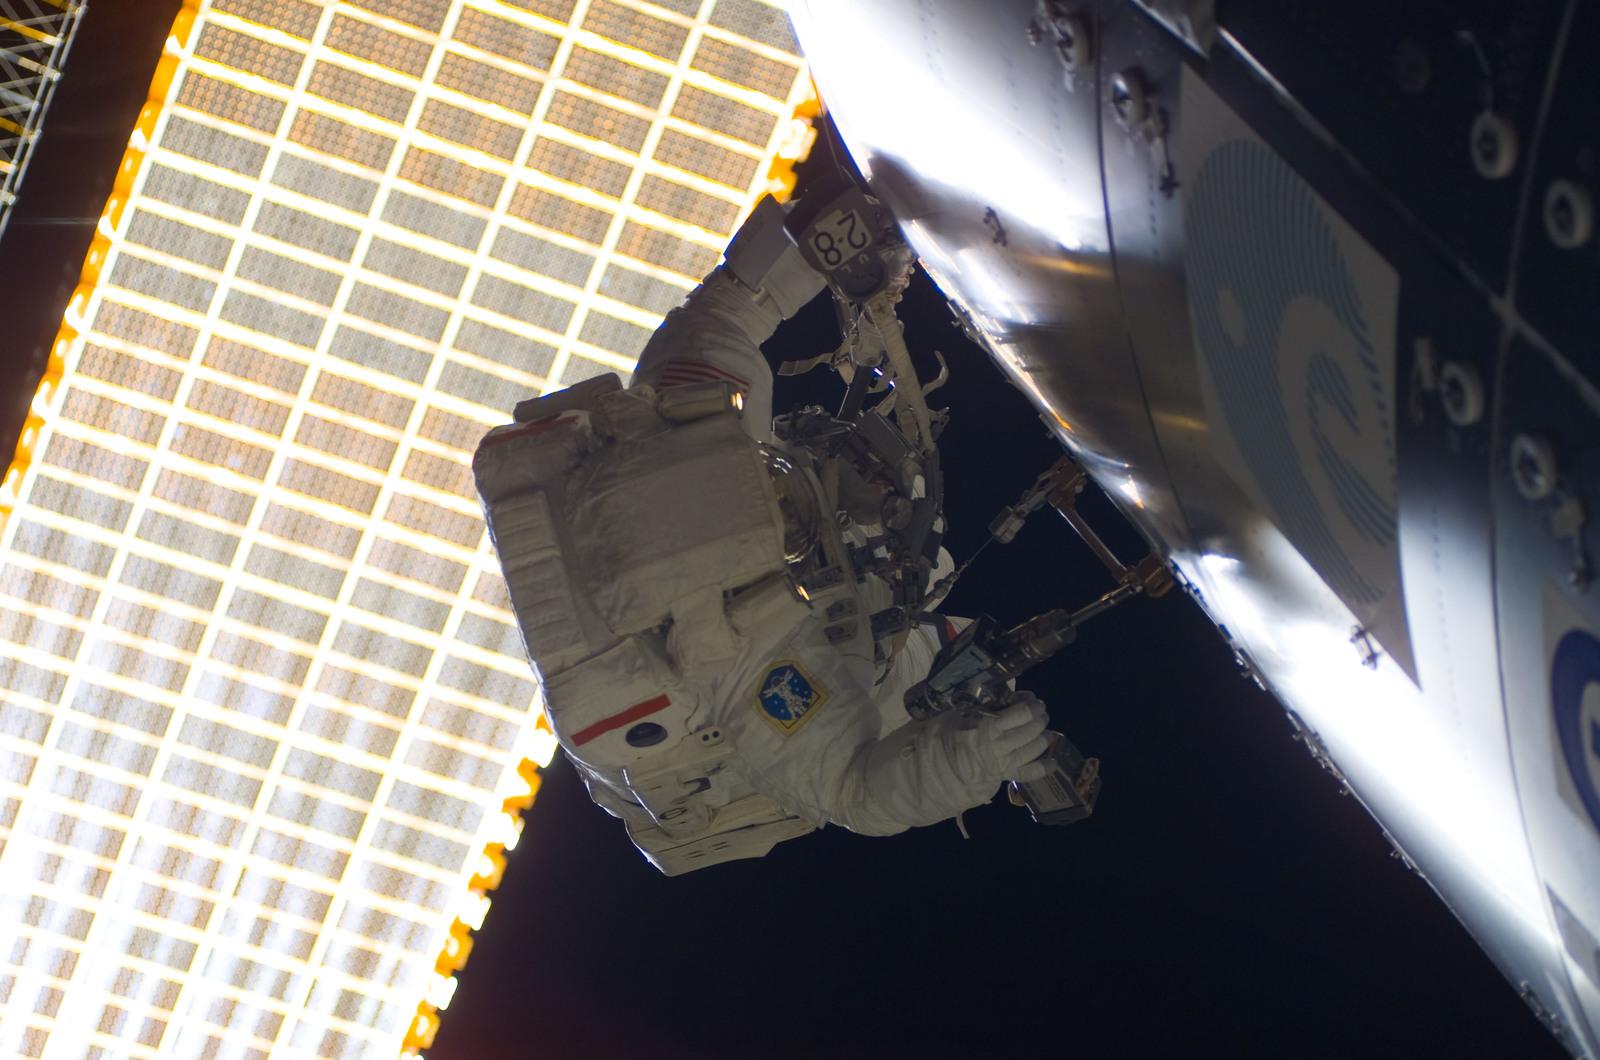 S122E008790 - STS-122 - Walheim during EVA 3